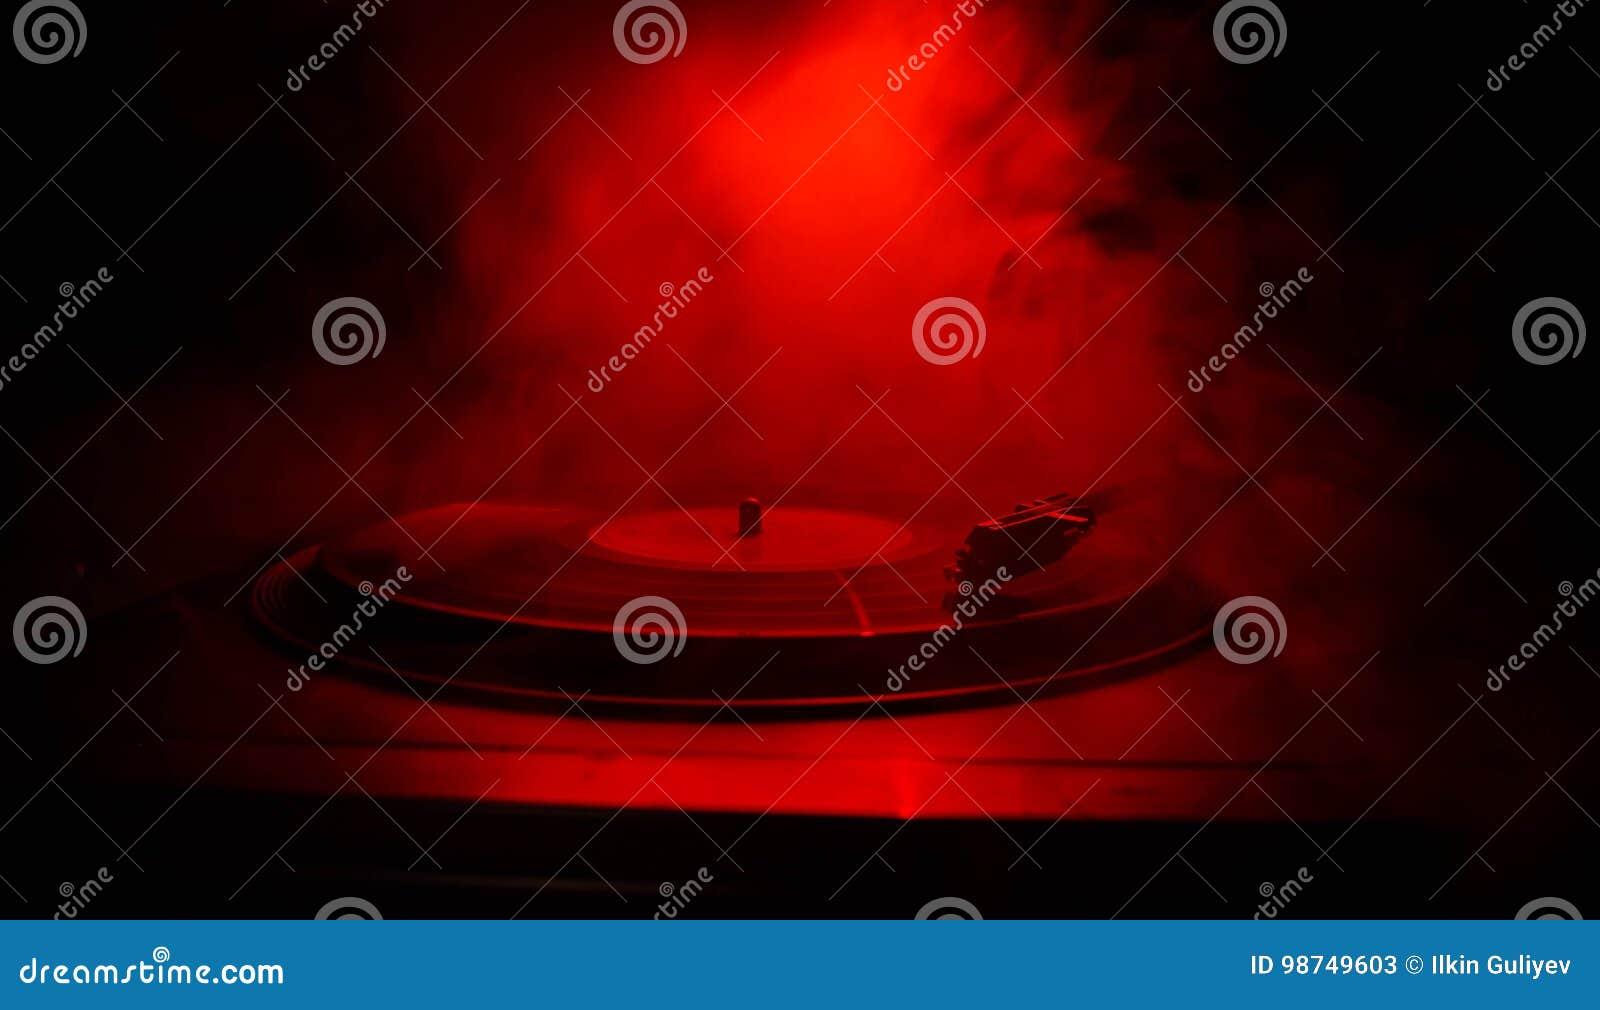 Drehscheibenvinylrekordspieler Retro- Audiogeräte für Diskjockey Schalltechnik, damit DJ Musik mischt u. spielt Vinylaufzeichnung